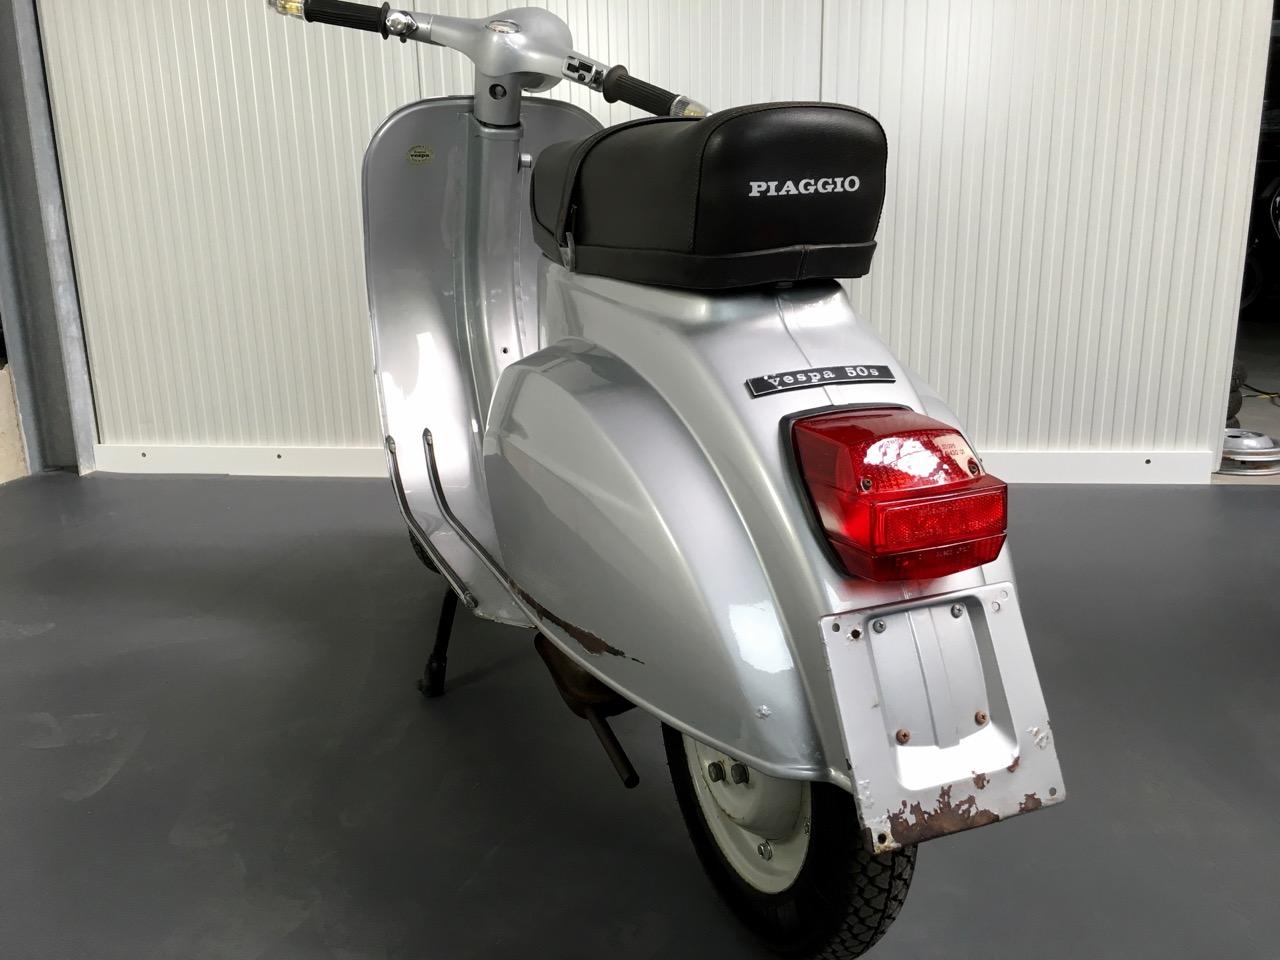 eine spezielle vespa v50s scooter center scootershop rollershop blog. Black Bedroom Furniture Sets. Home Design Ideas